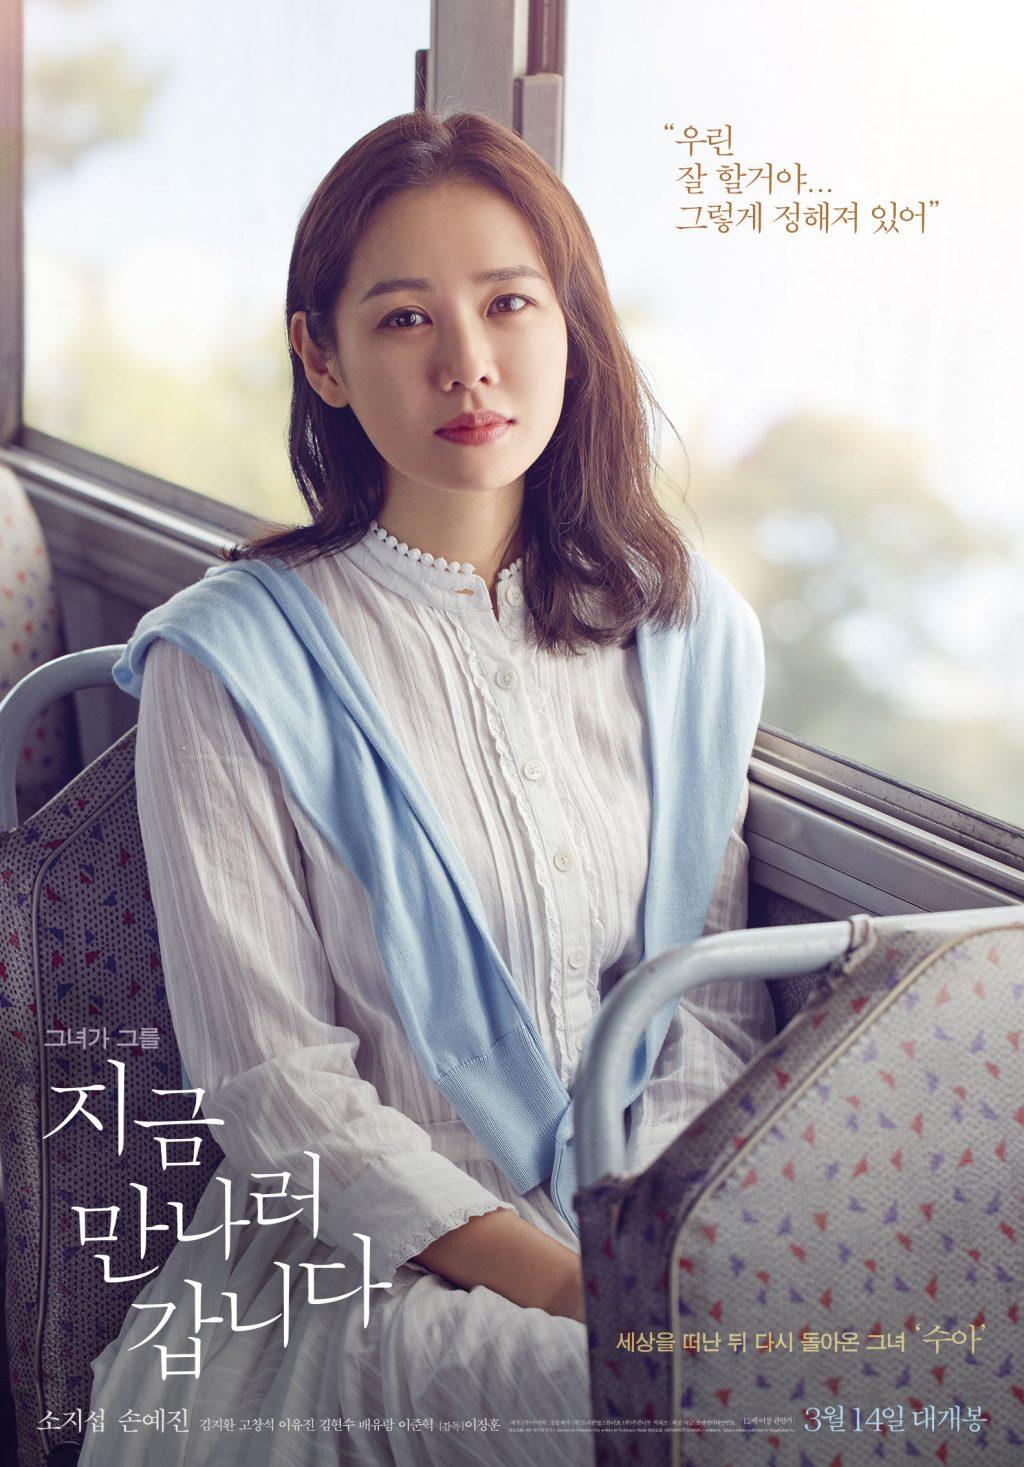 Diễn viên Hàn Quốc sự nghiệp ấn tượng 4